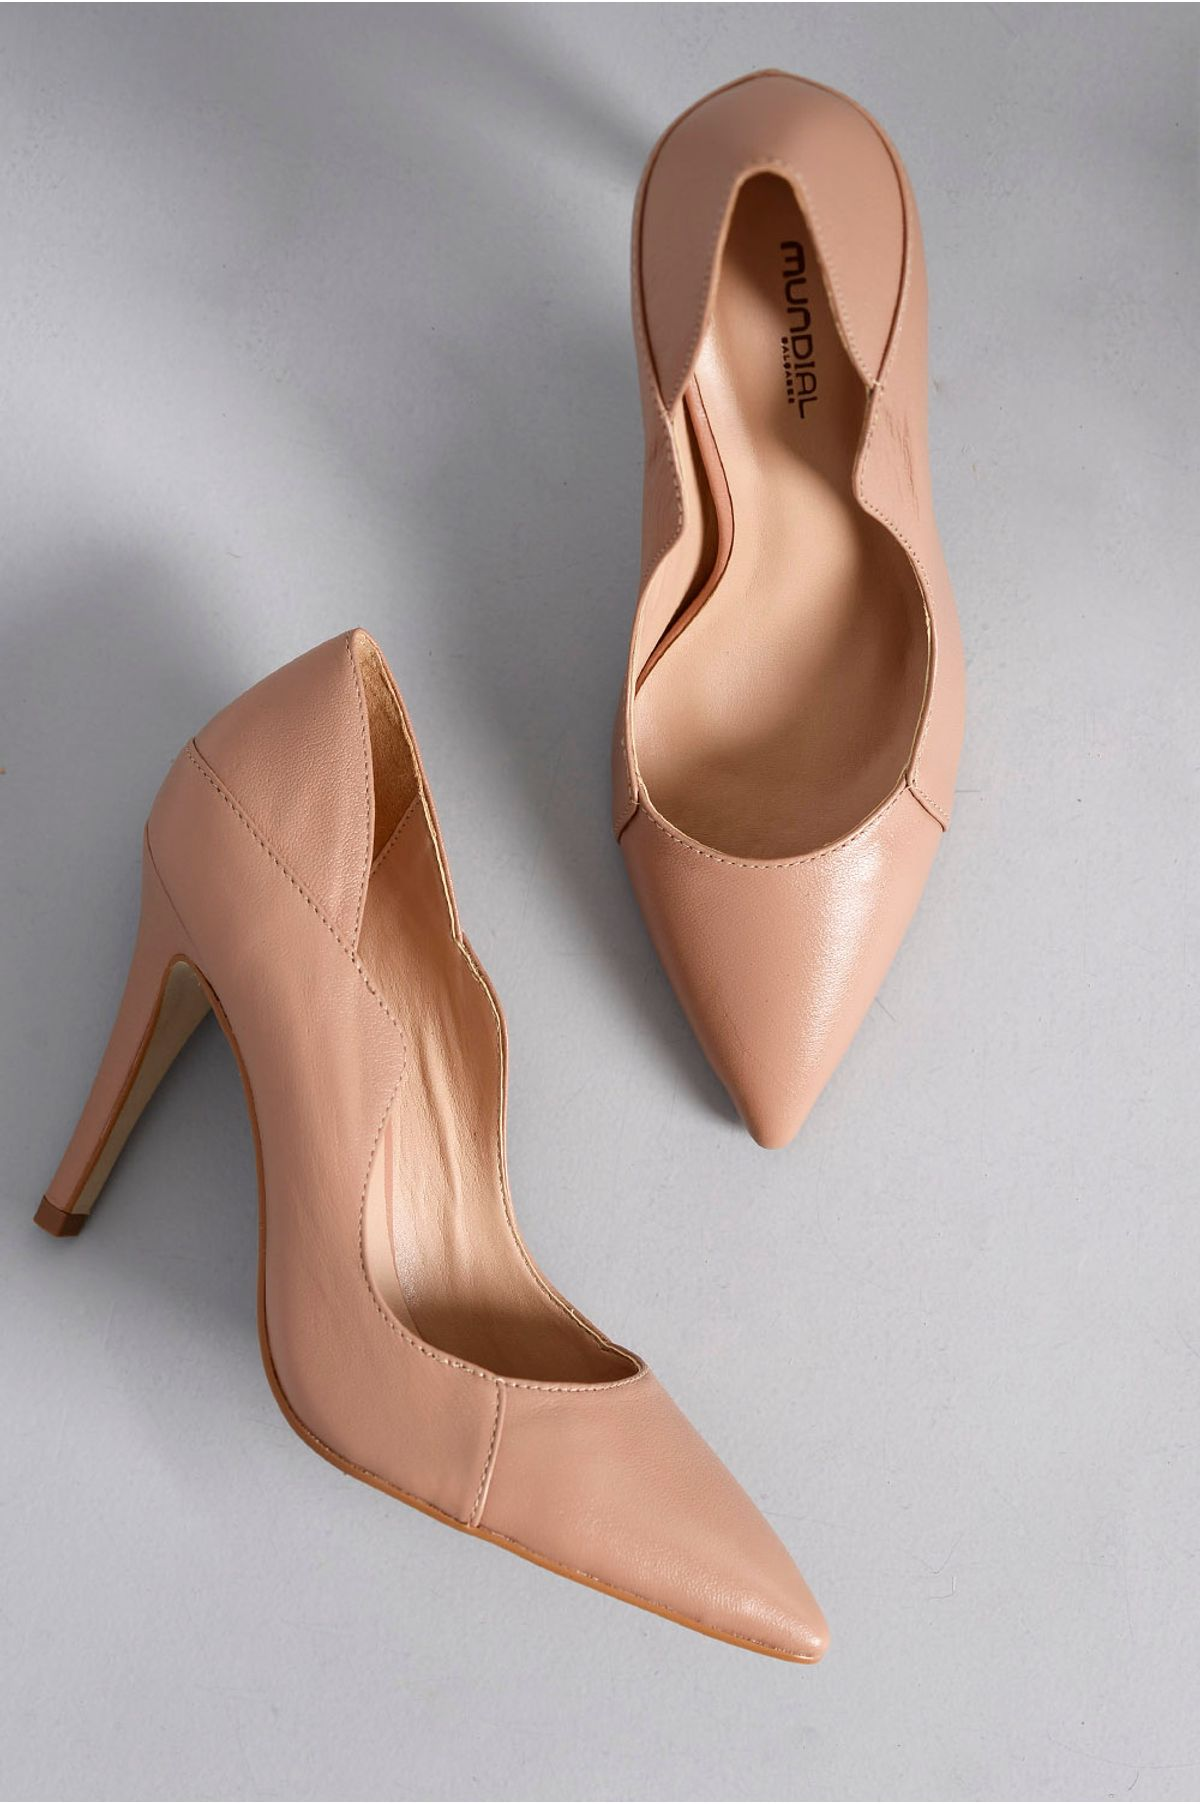 70133f3d35 Scarpin Feminino Salto Alto Faye Mundial CR - NUDE - Mundial Calçados